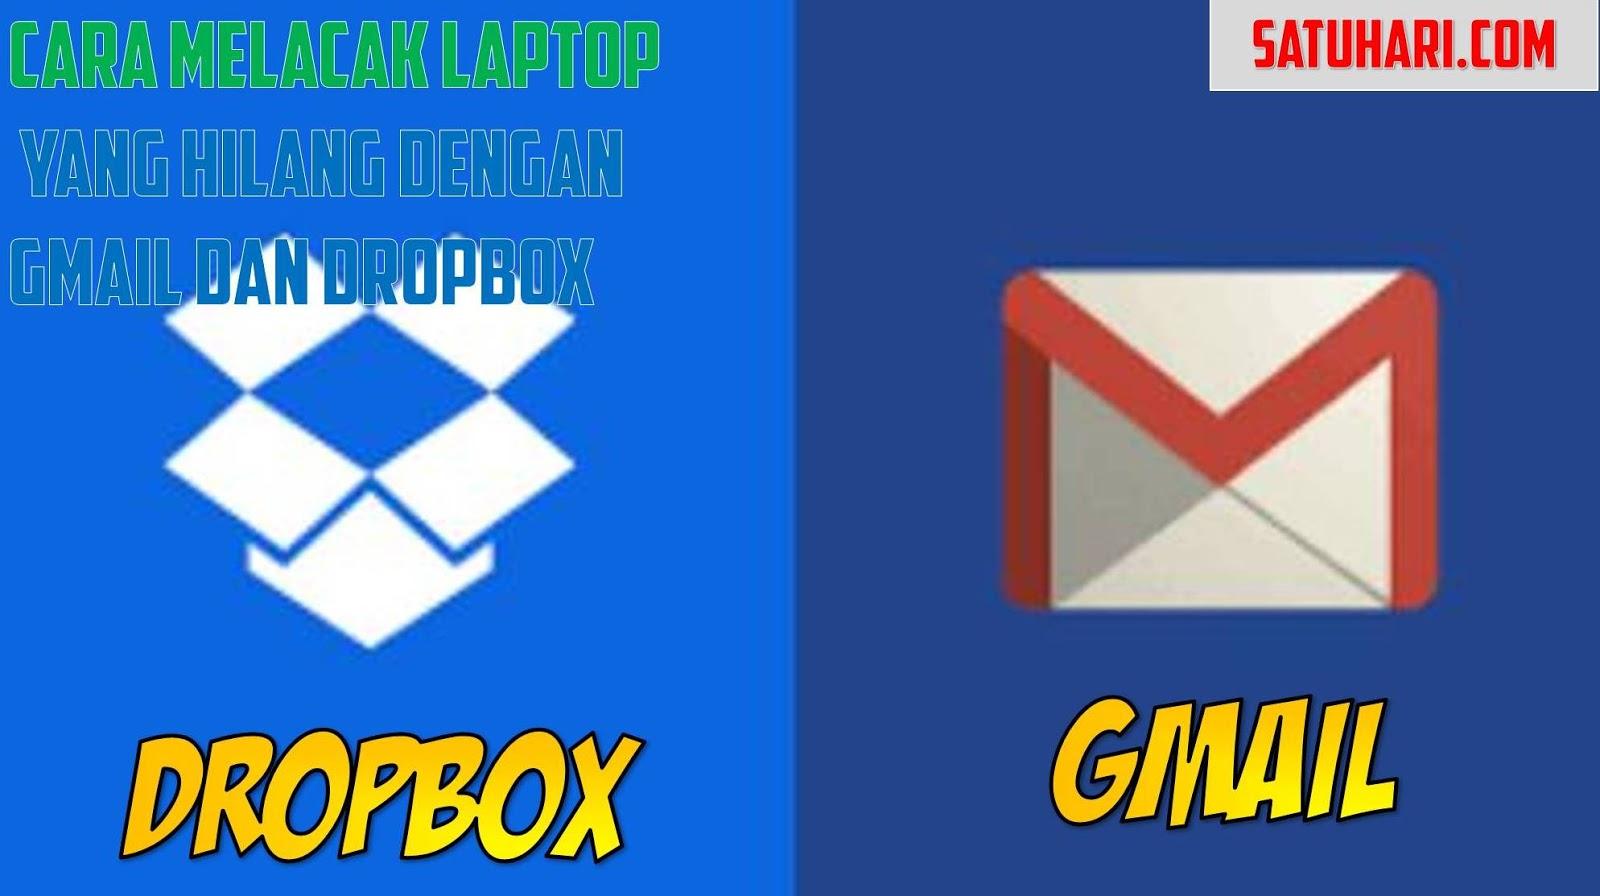 6 Cara Melacak Laptop Yang Hilang Via Gmail Dropbox Aplikasi Tracker